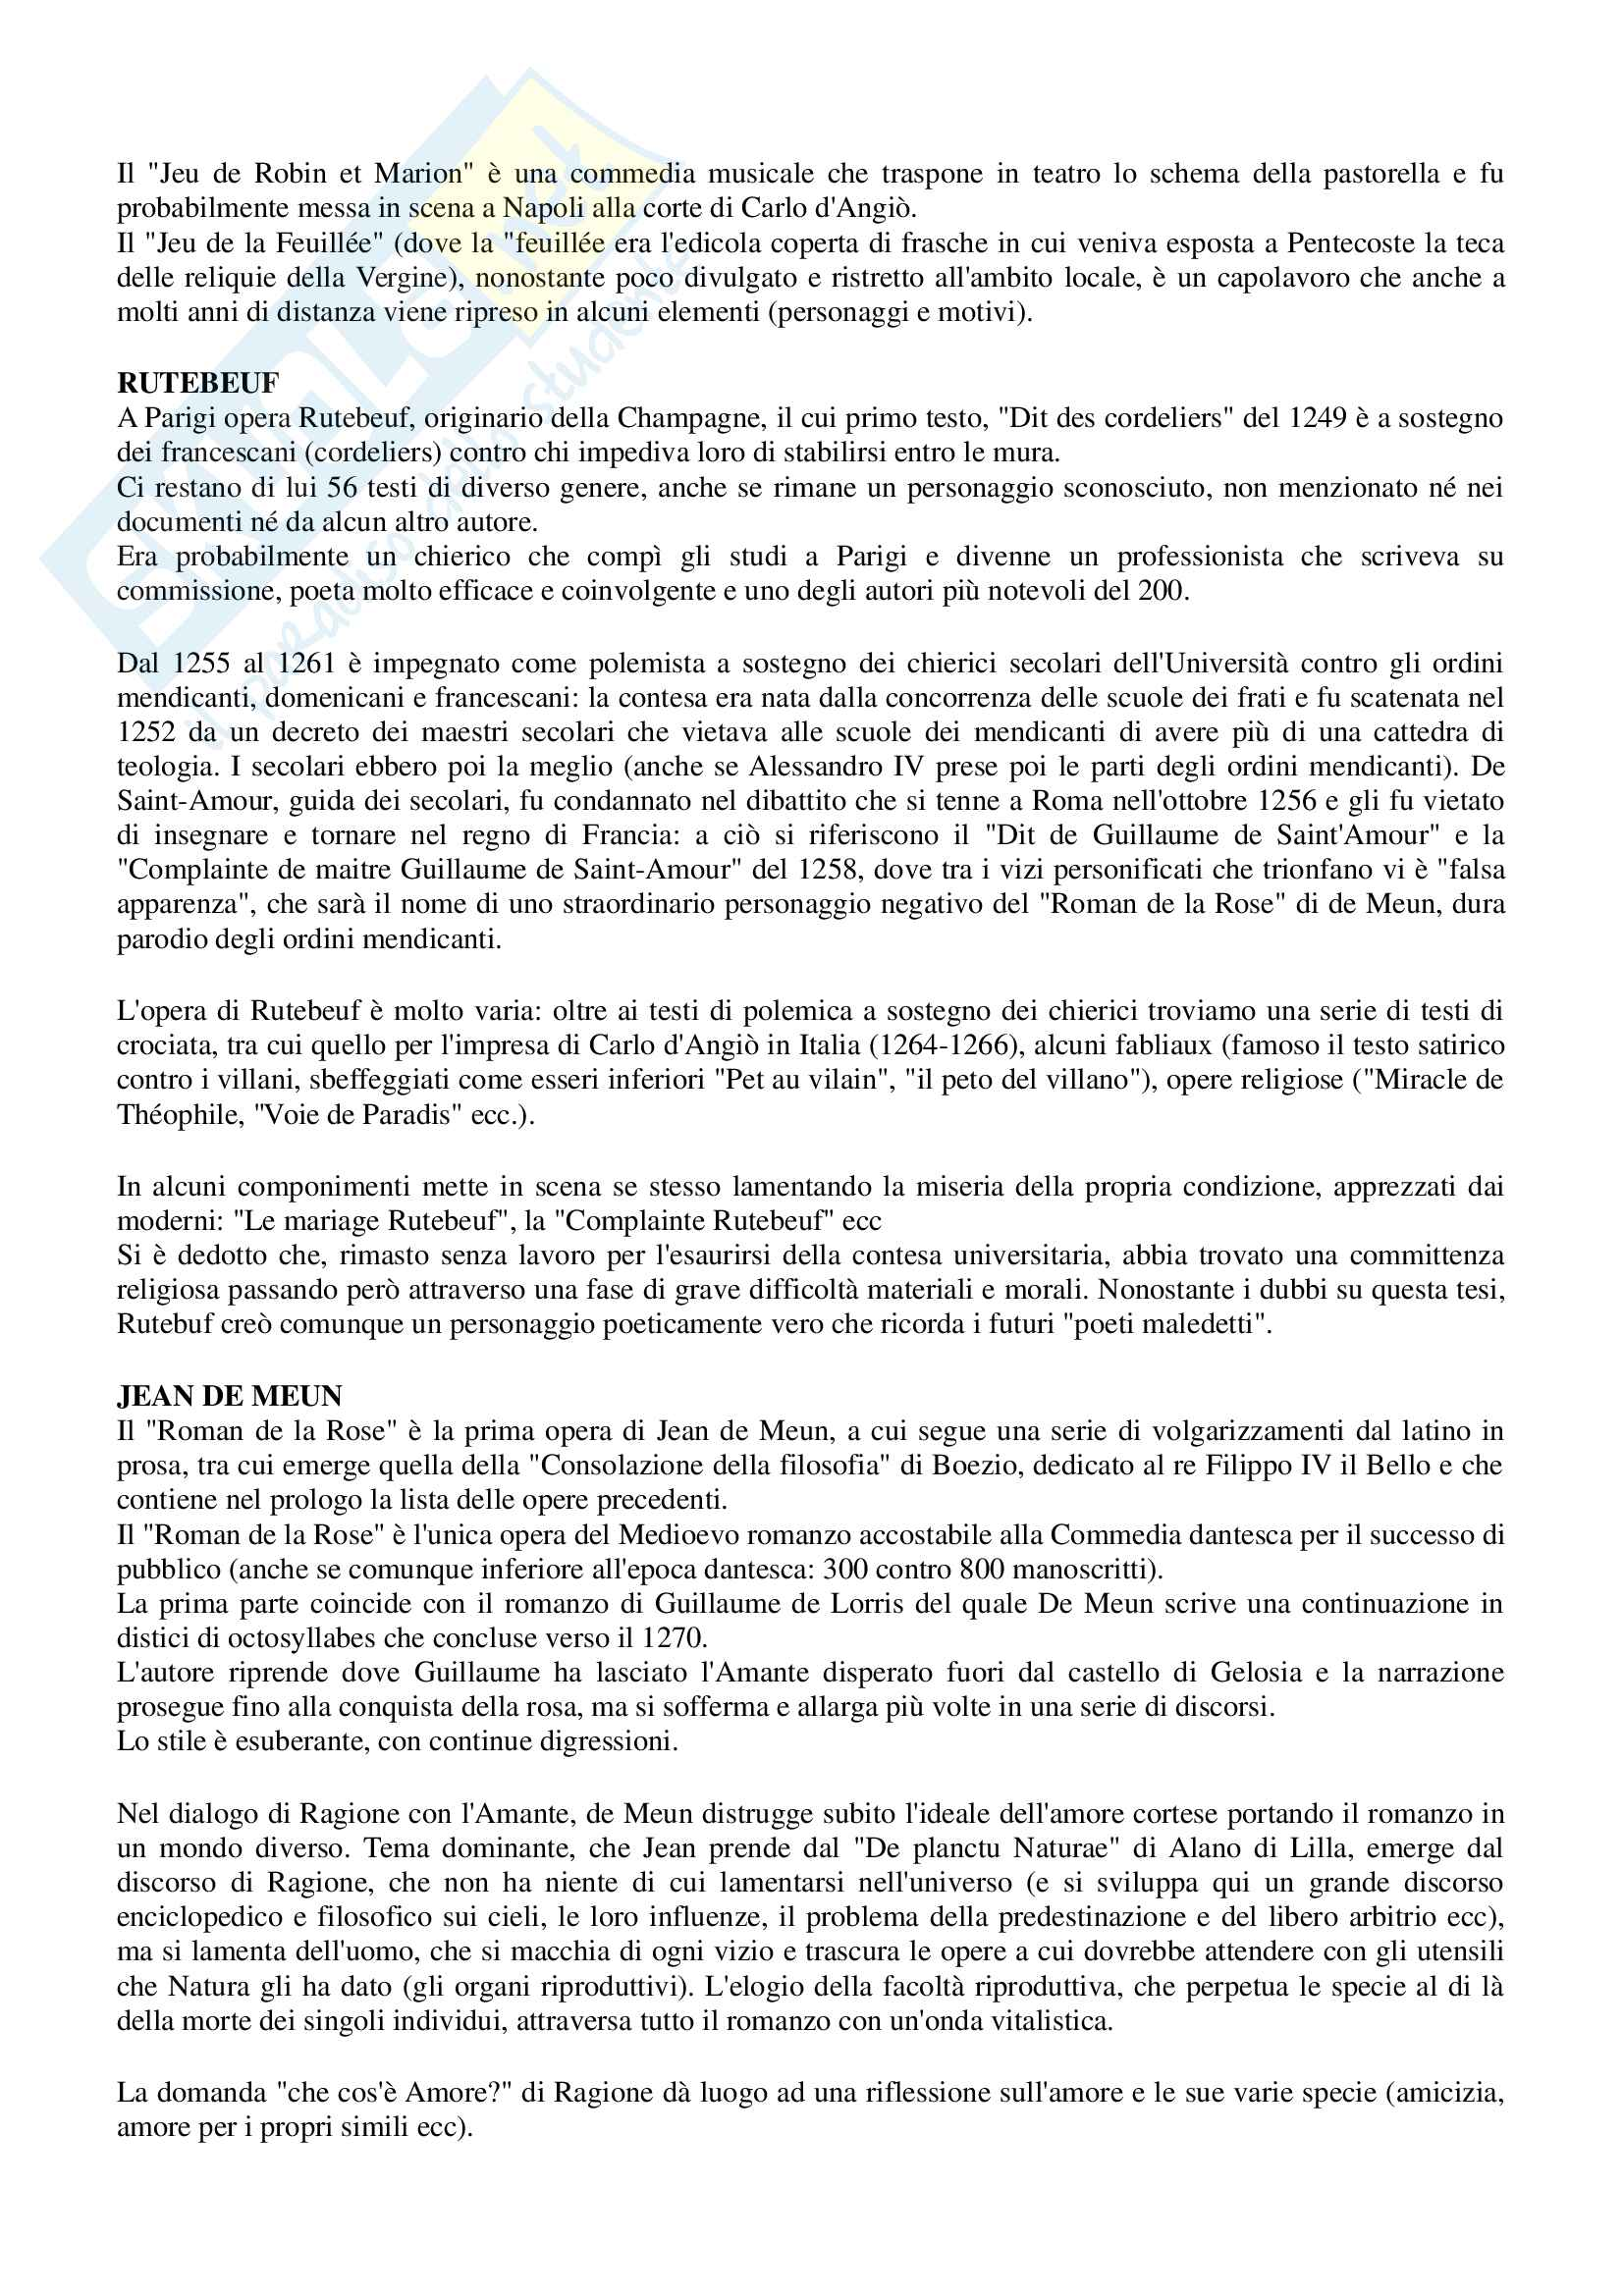 Riassunto per esame Filologia romanza, prof Paradisi, libro consigliato: La filologia romanza, Beltrami, 2017 Pag. 41